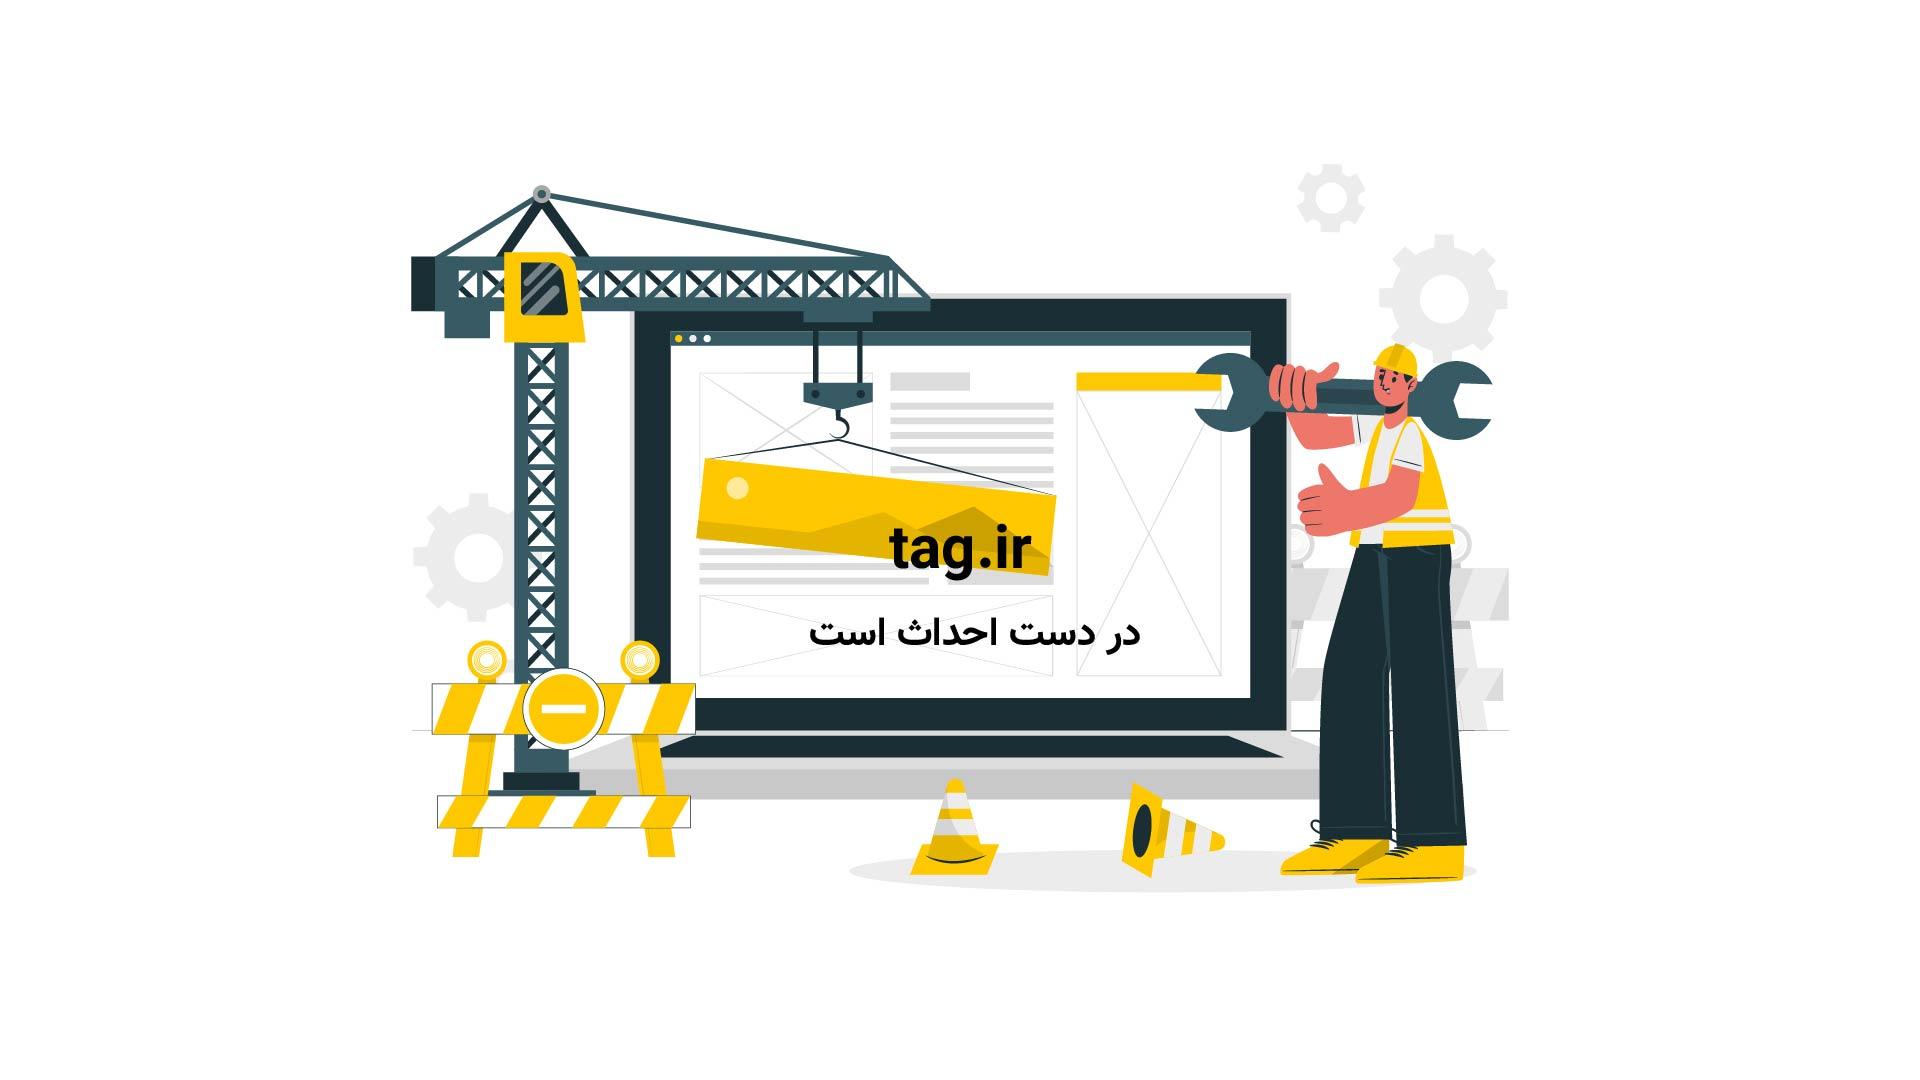 خروج هواپیمای شرکت هواپیمایی کاسپین از باند فرودگاه در ماهشهر | فیلم